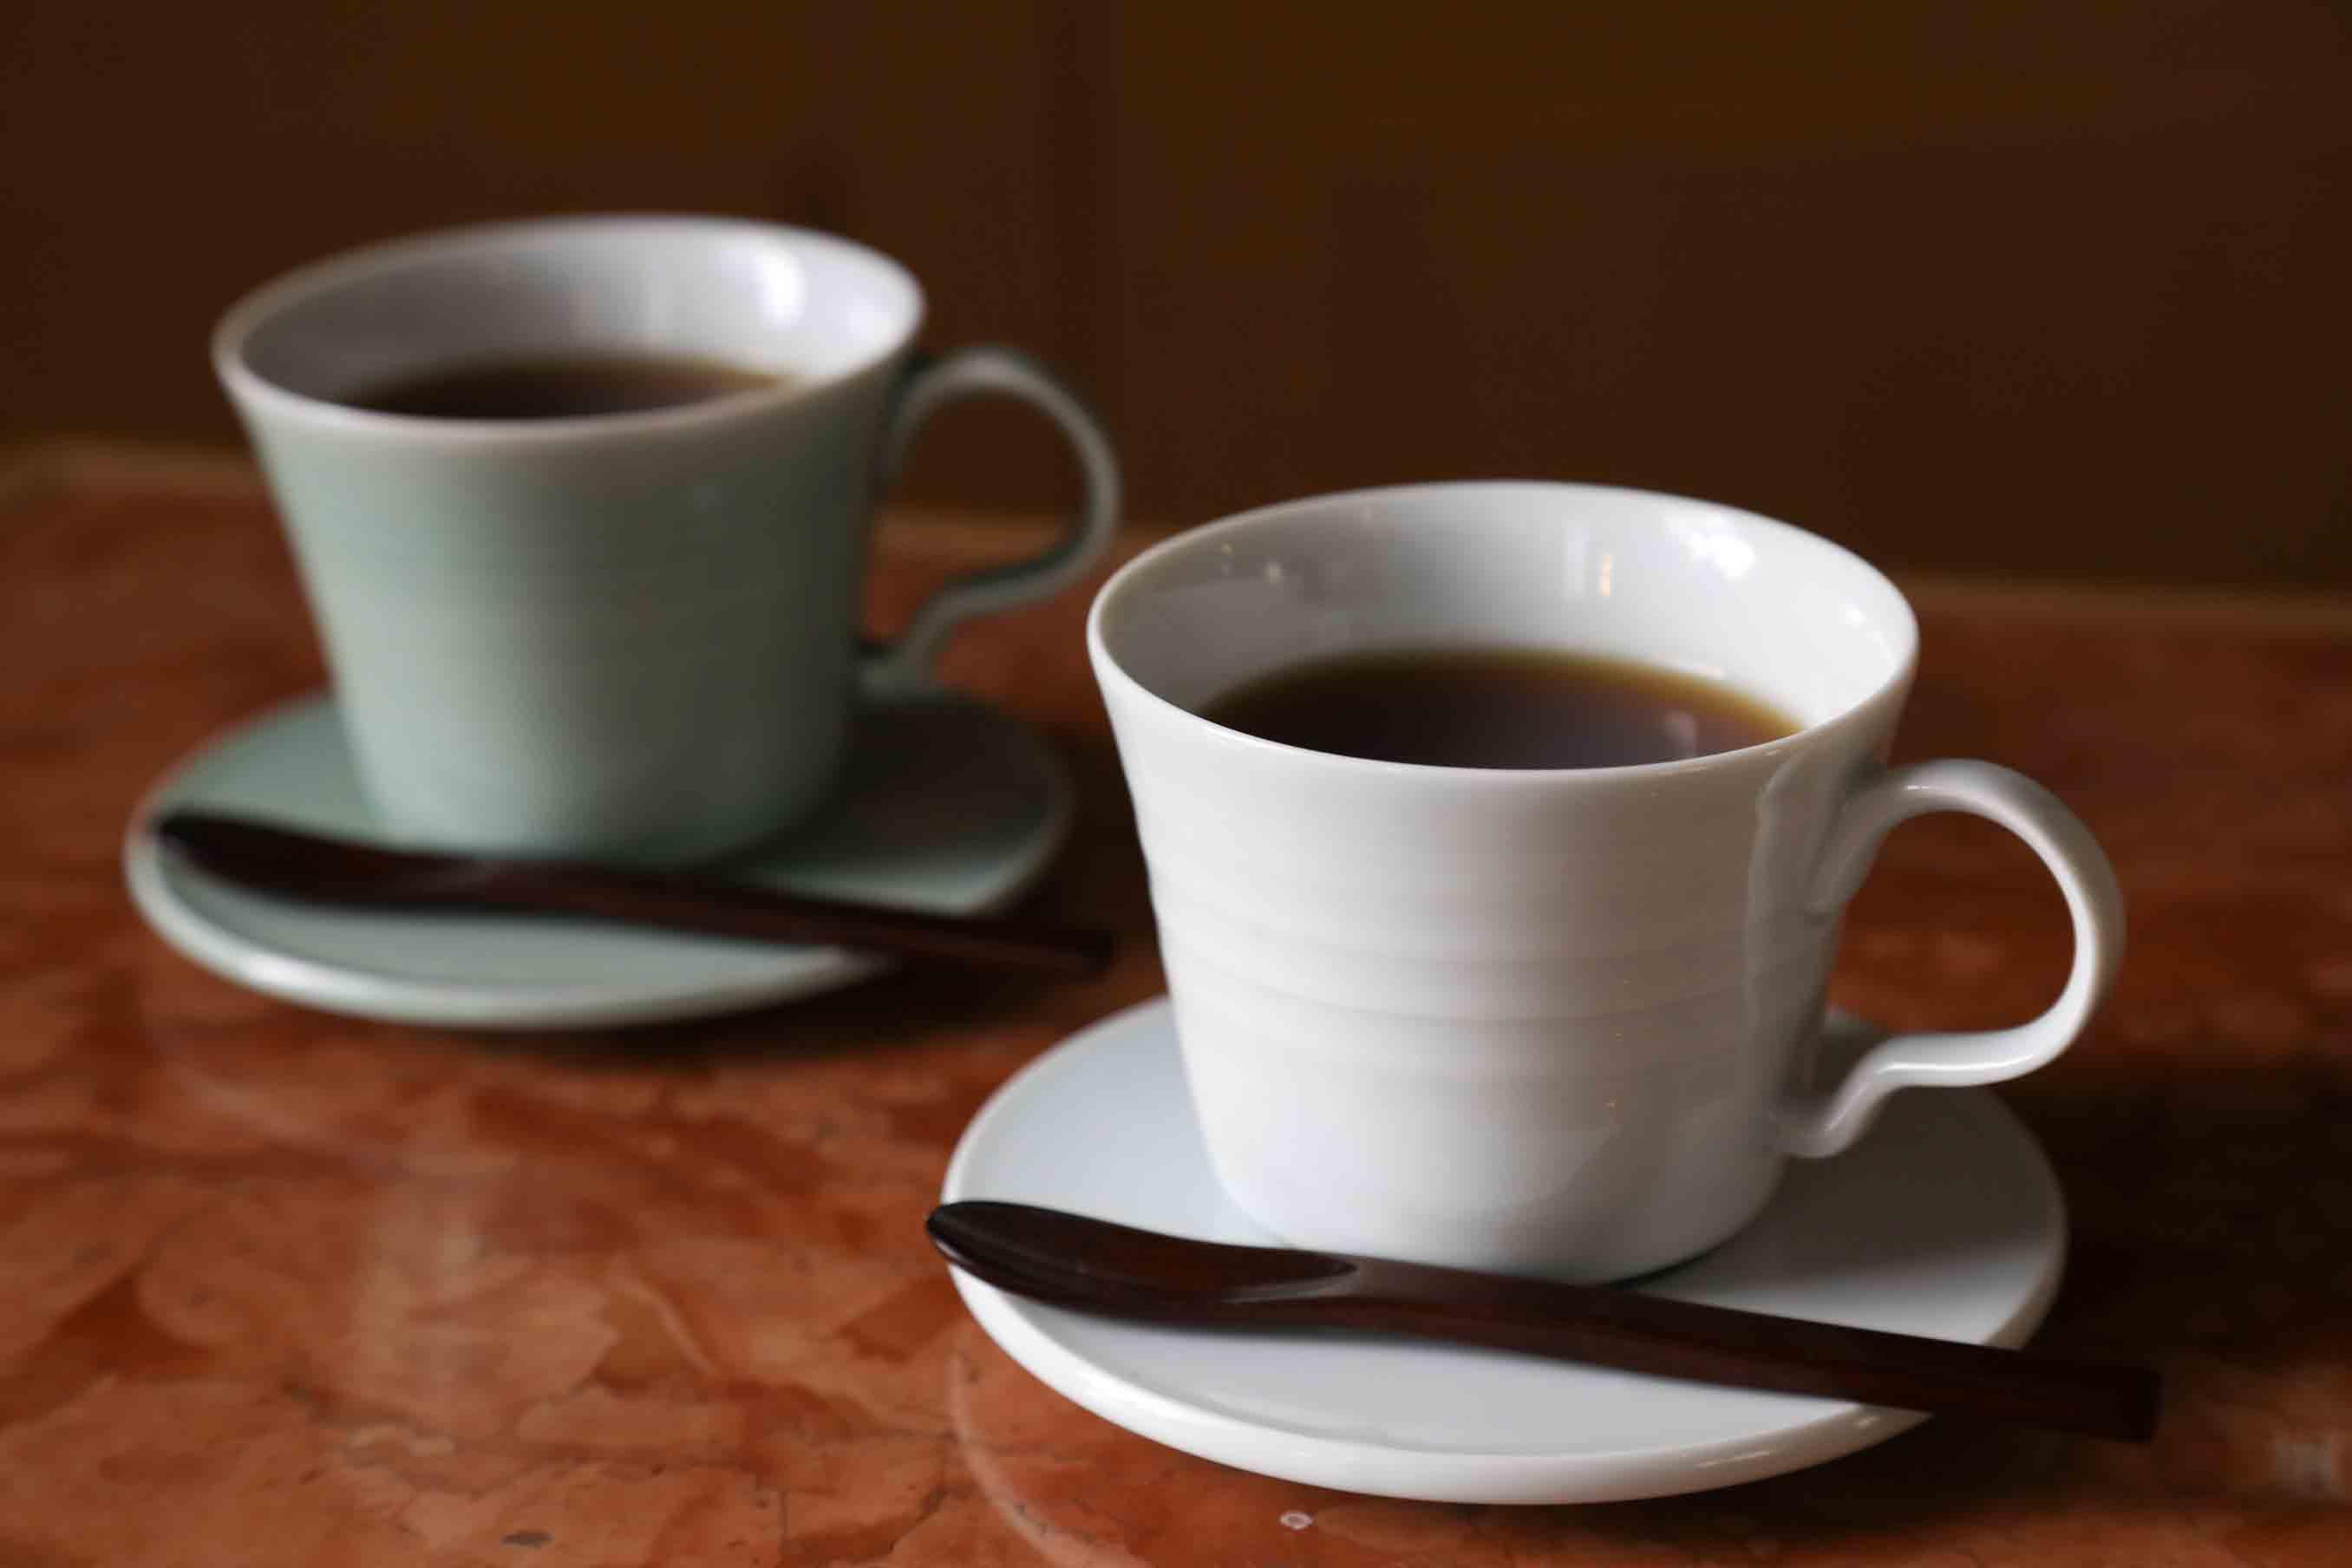 朝日焼のコーヒーカップ